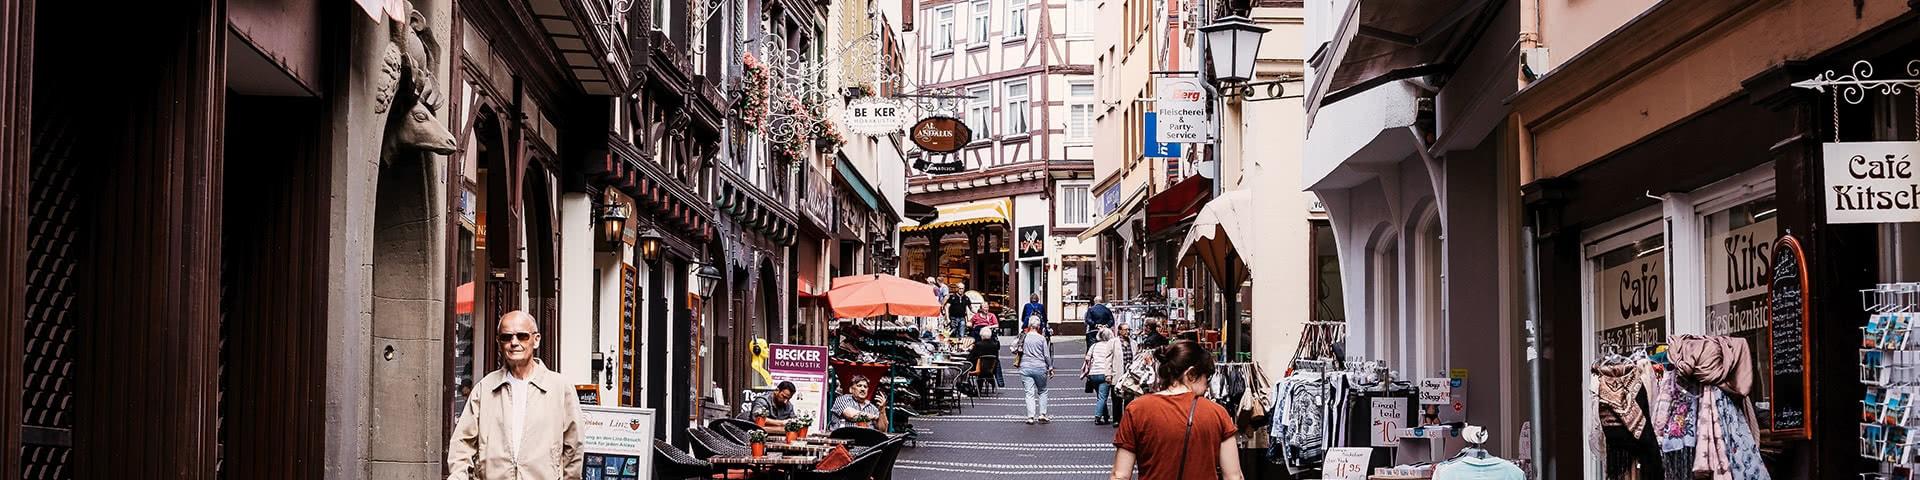 Gasse mit Geschäften in der Altstadt von Linz